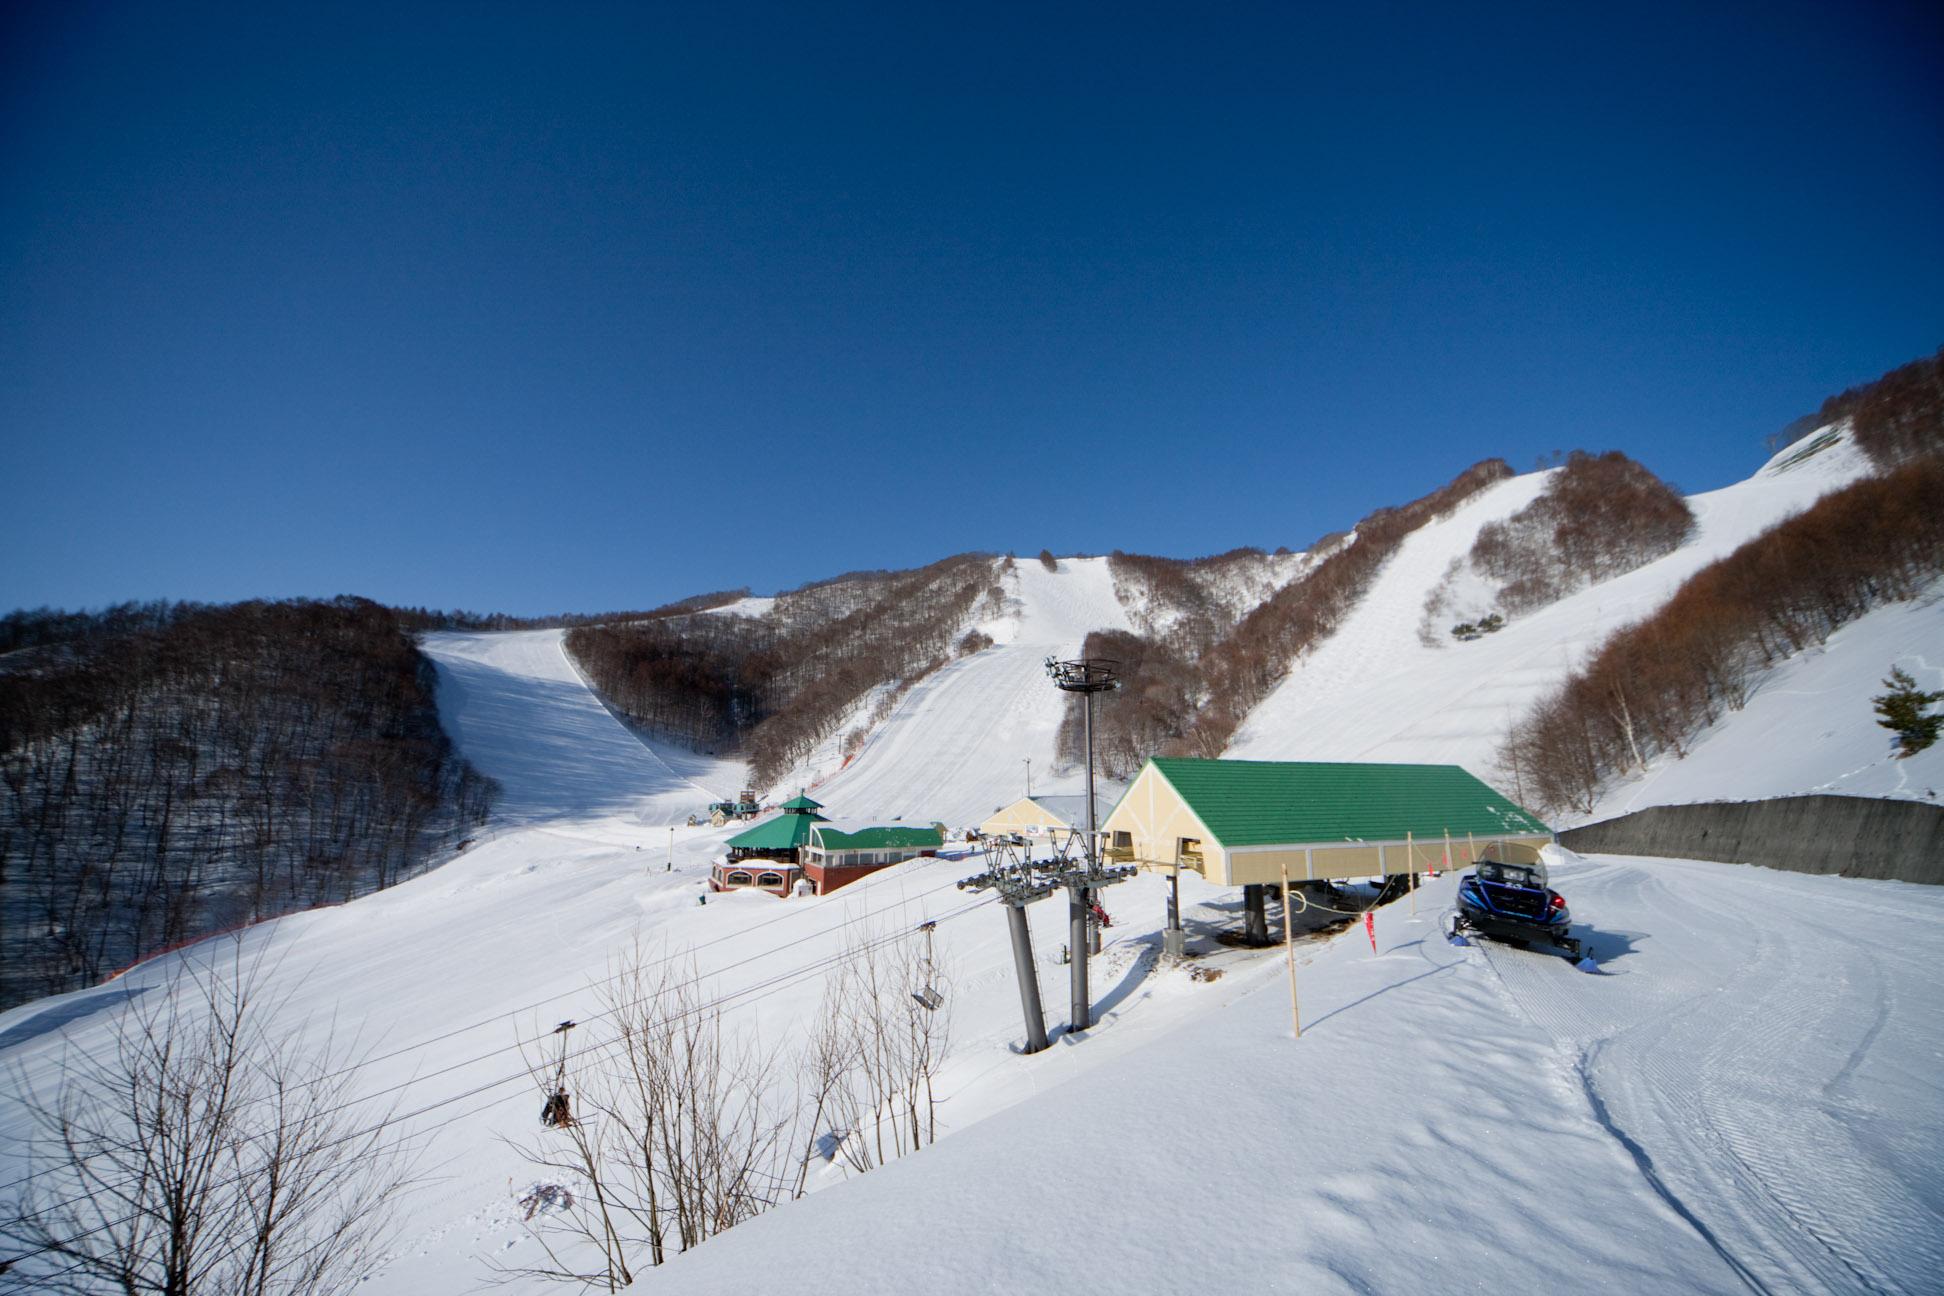 尾瀬 岩倉 スキー 場